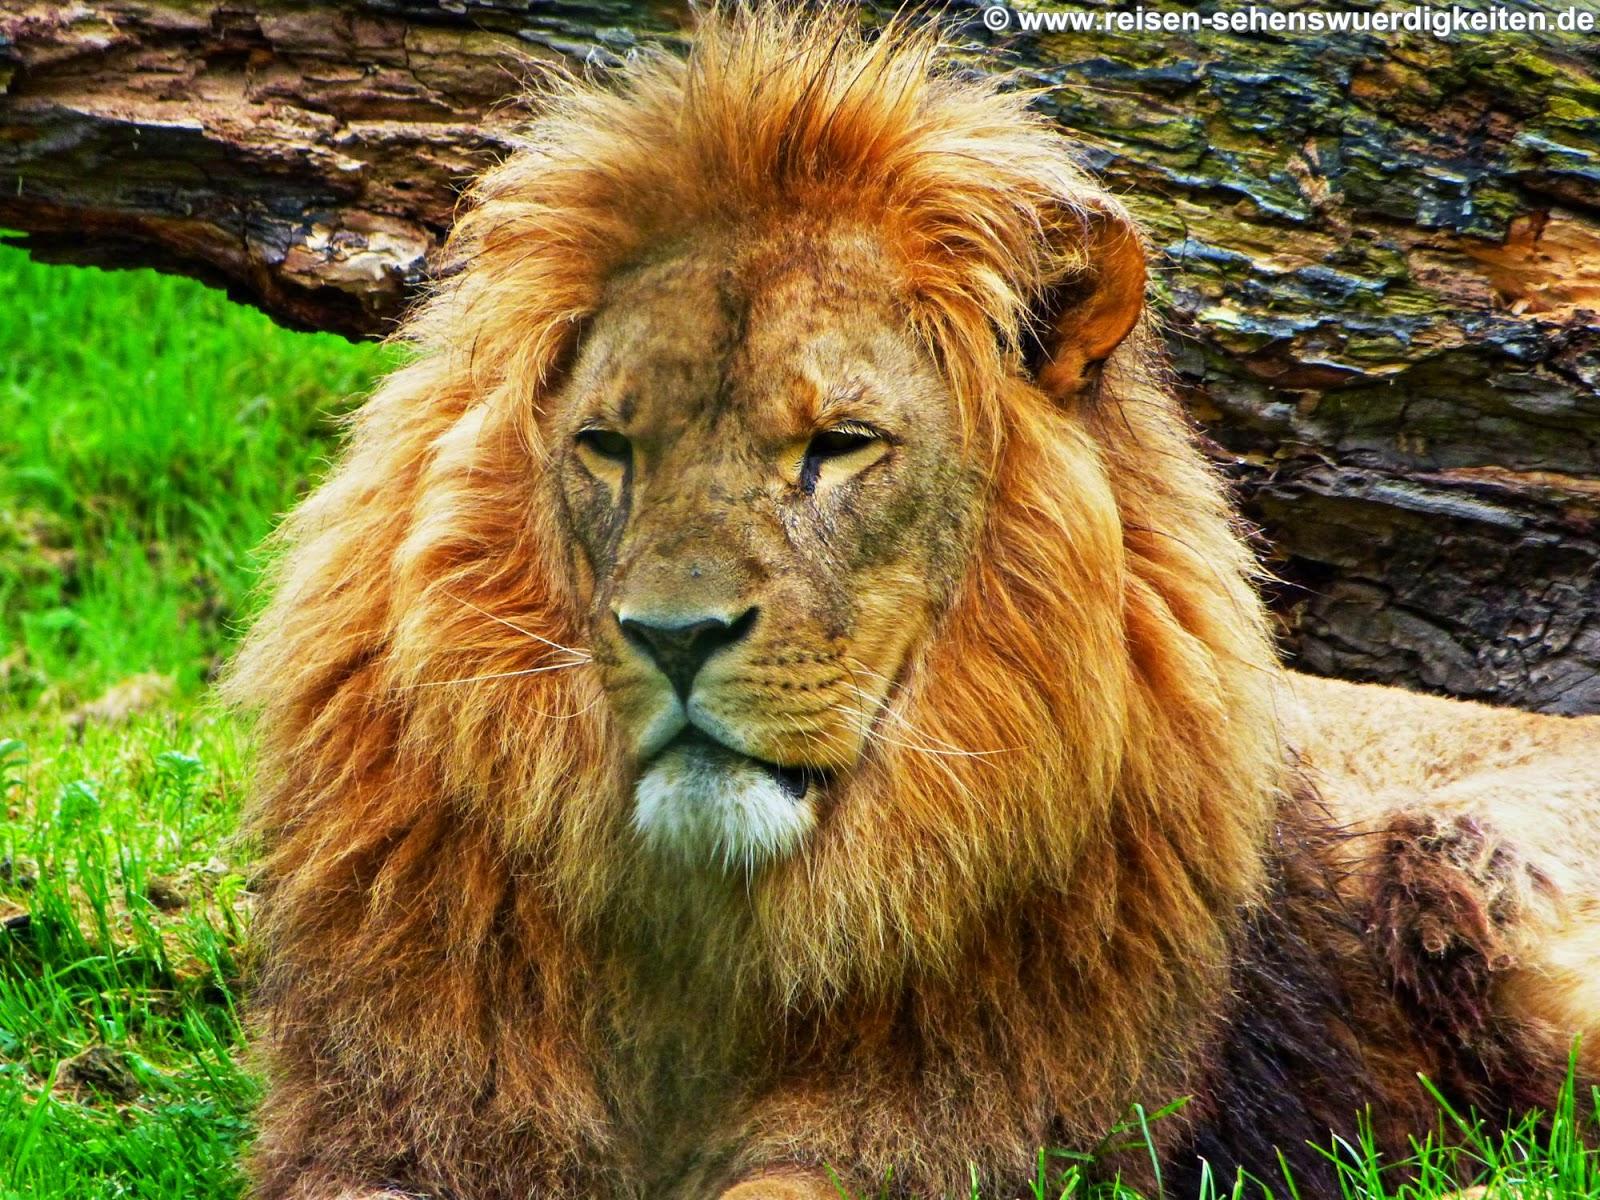 PC Hintergrundbilder kostenlos - Tiere, Natur, Reise, Städte